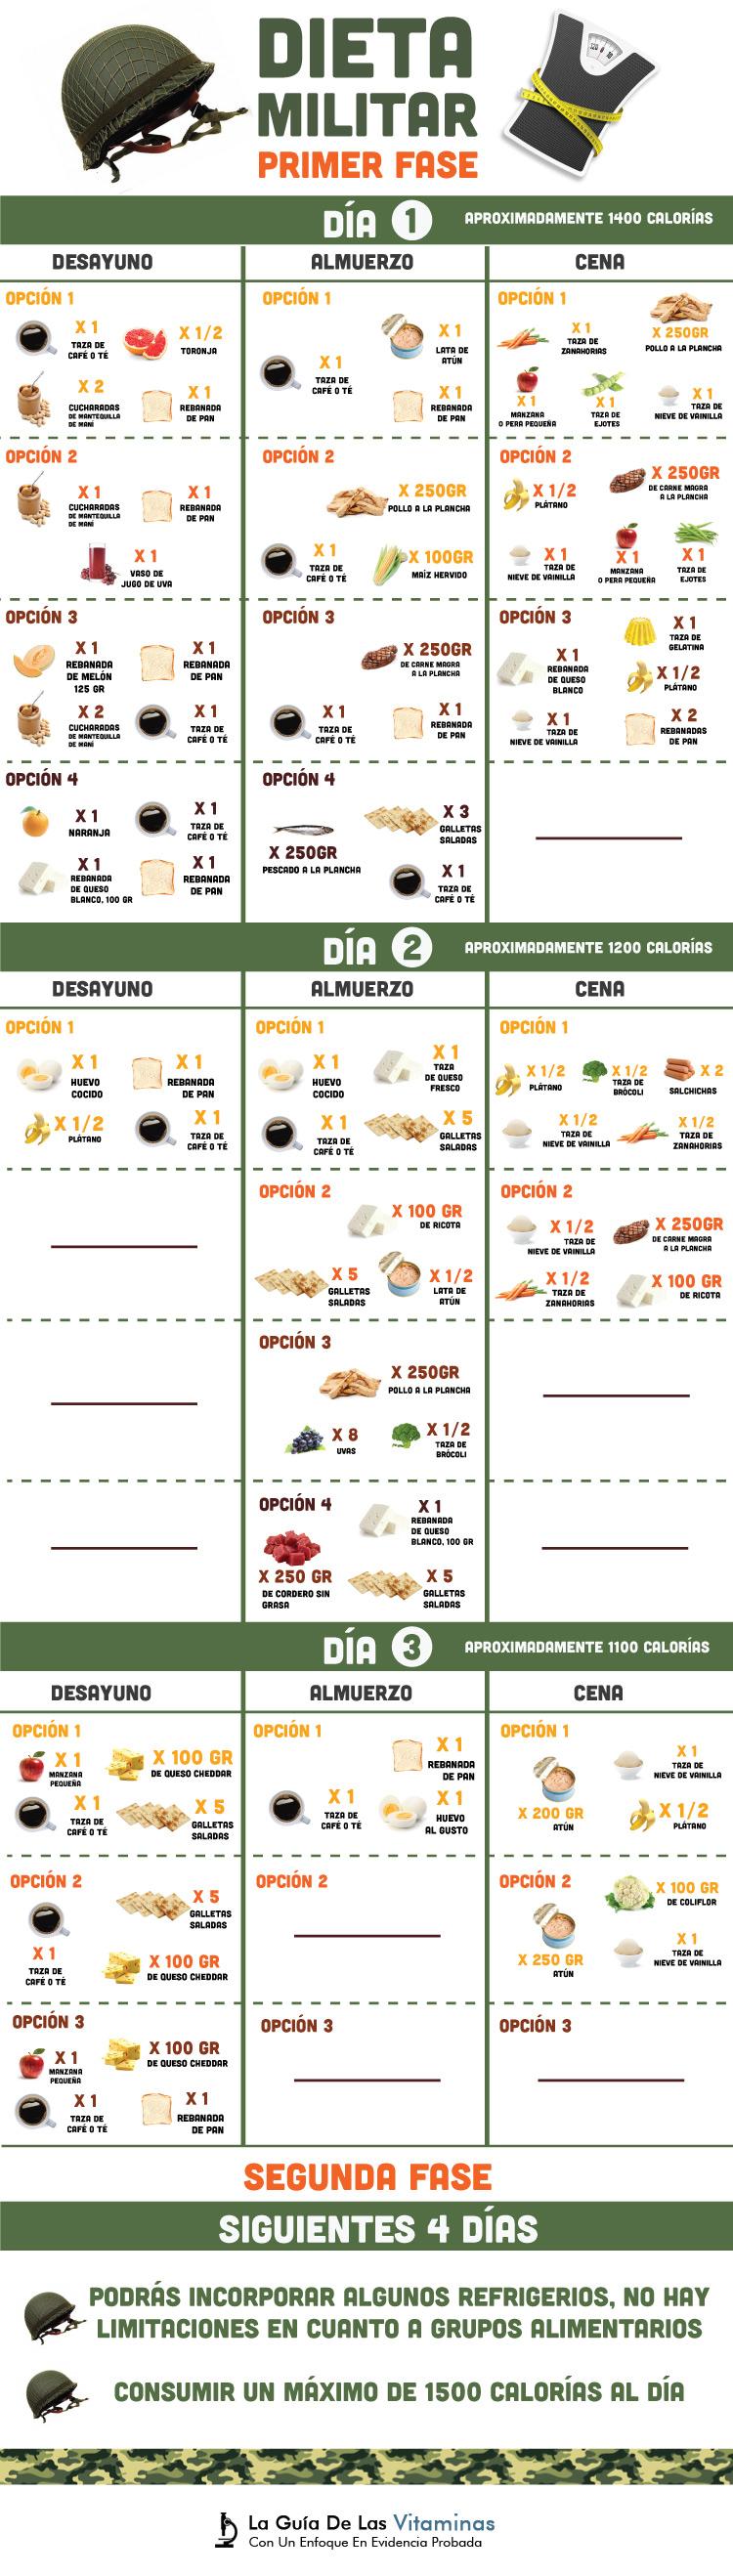 dieta-militar-1.jpg